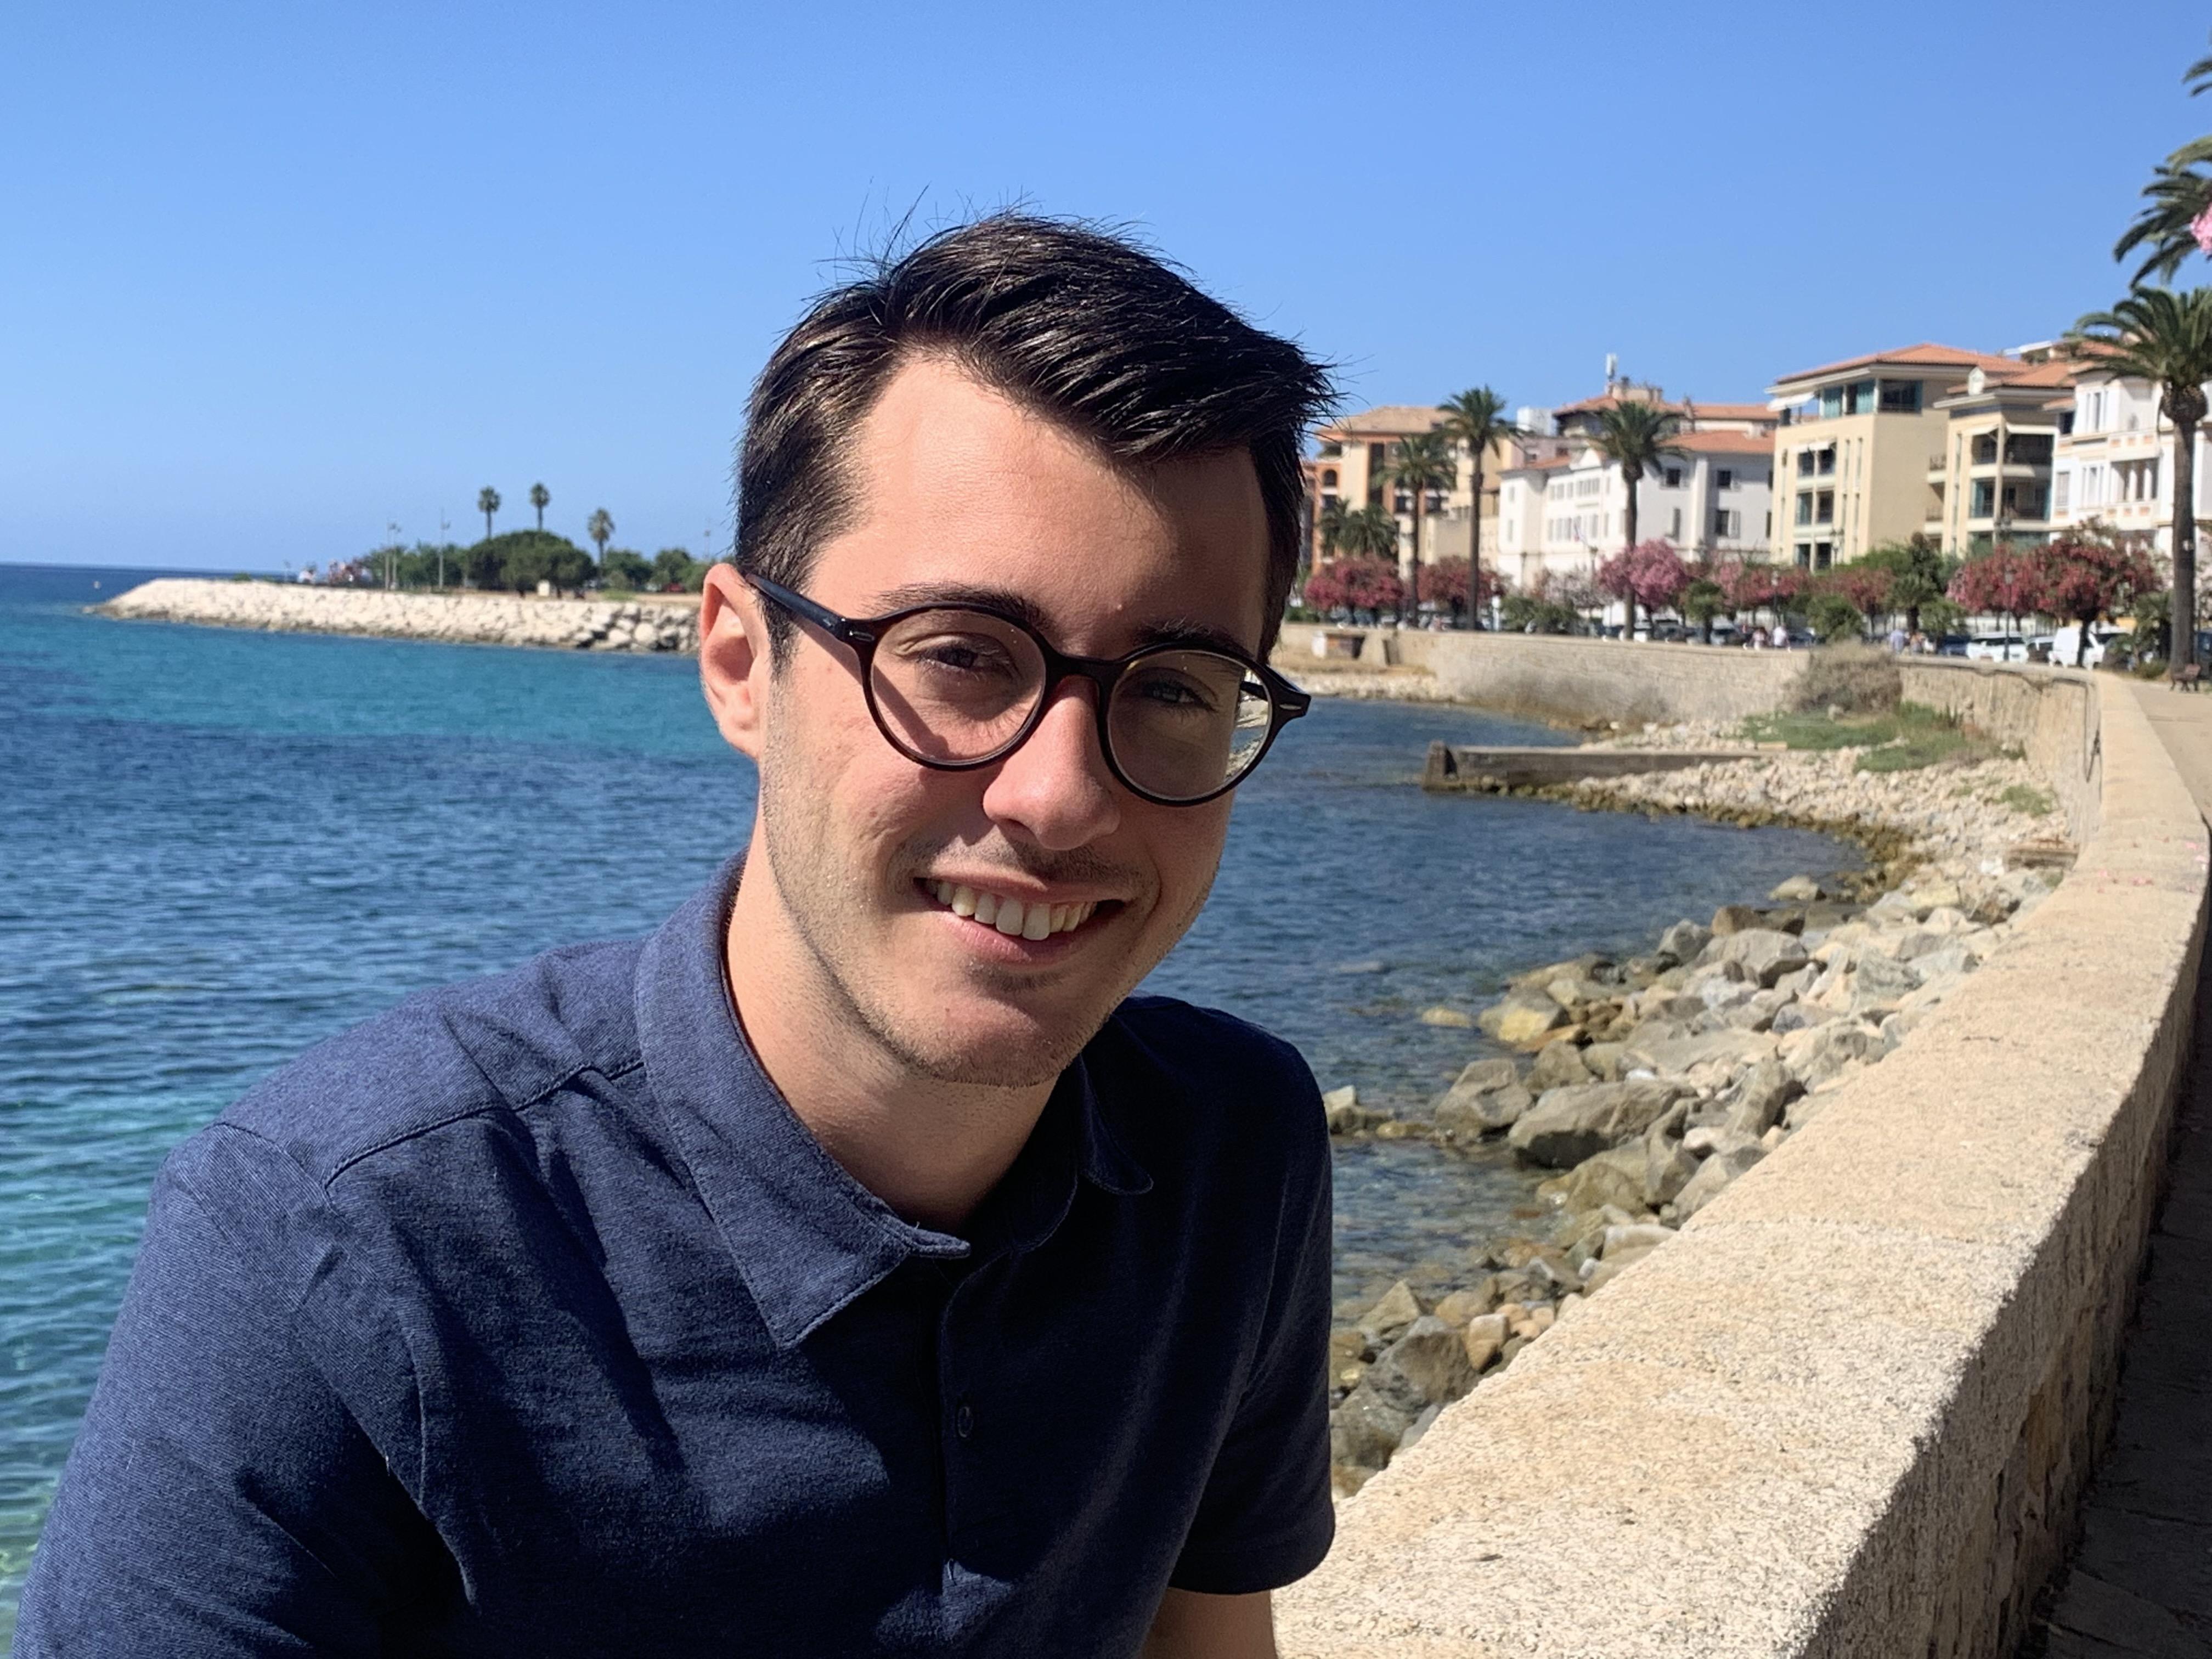 À 22 ans, Don Joseph Luccioni est le benjamin de l'Assemblée de Corse. Photo : DJL